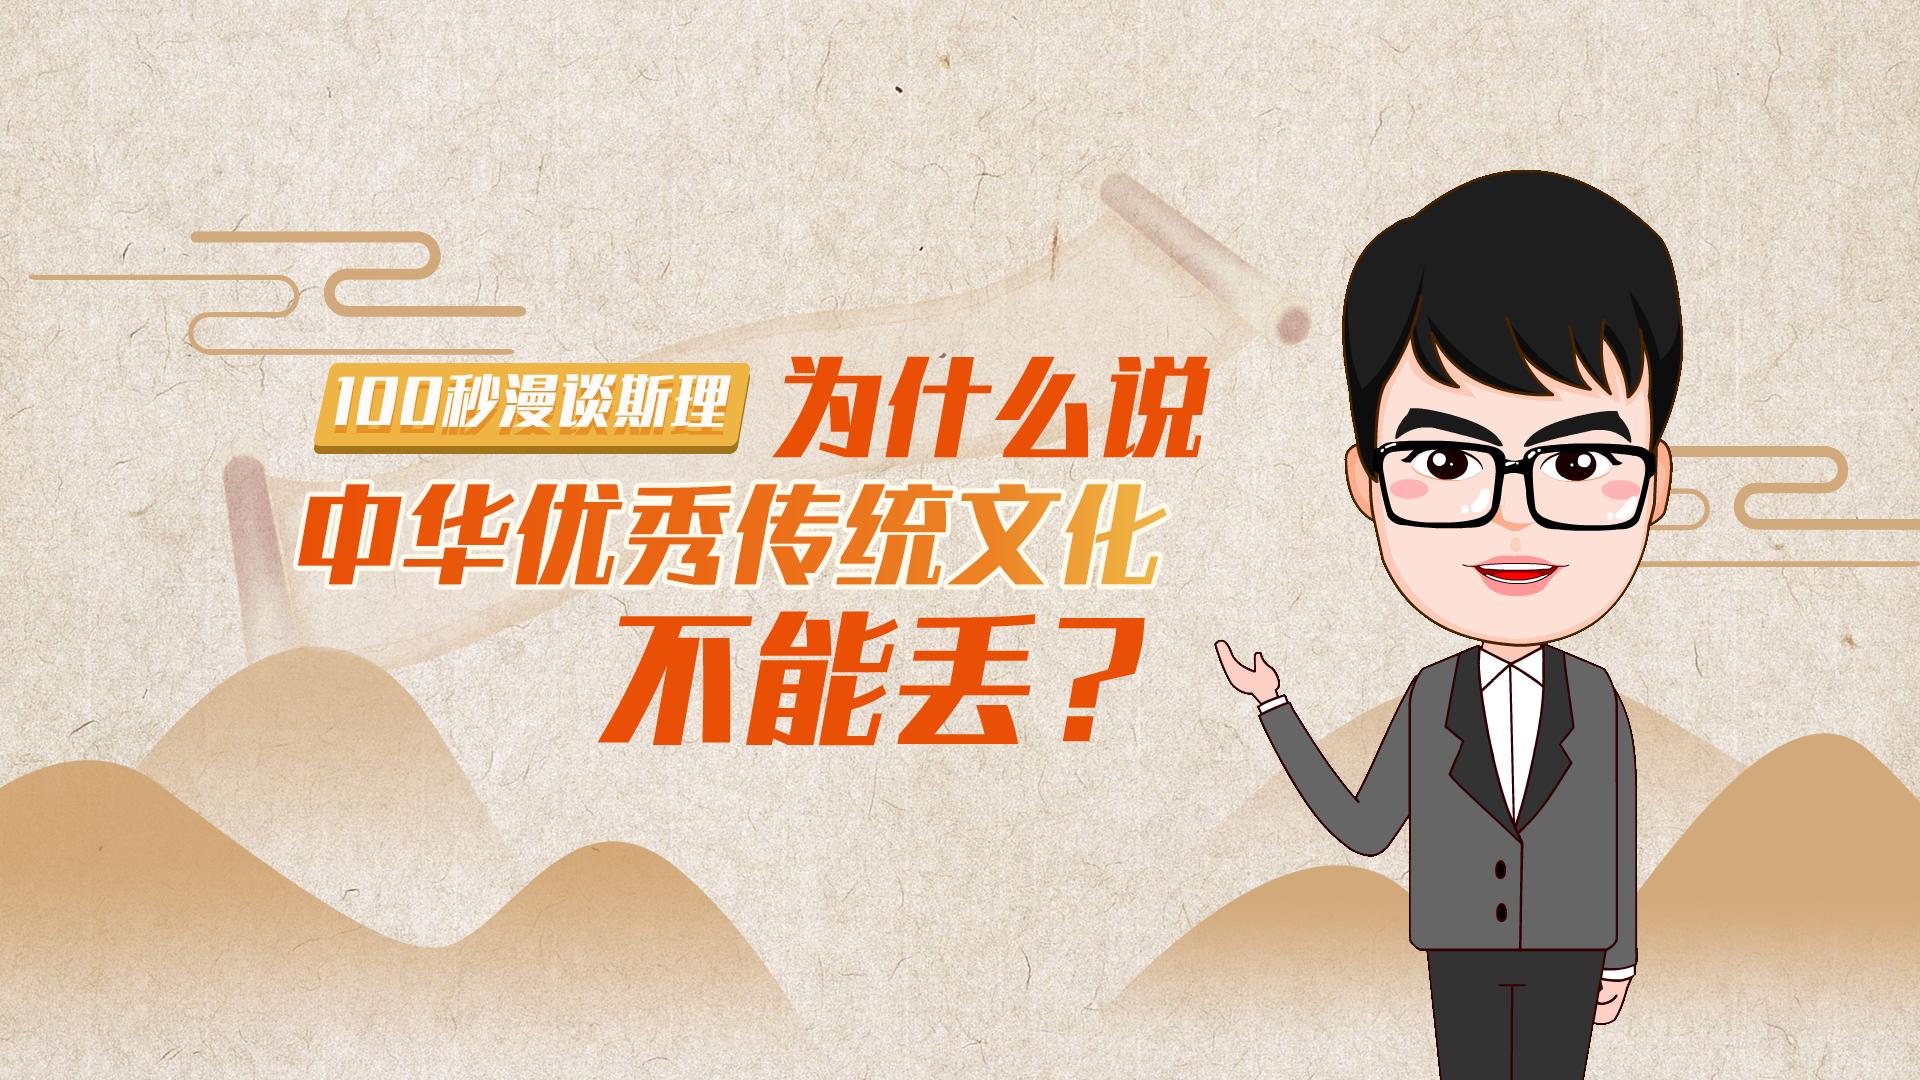 【100秒漫談斯理】為什麼説中華優秀傳統文化不能丟?